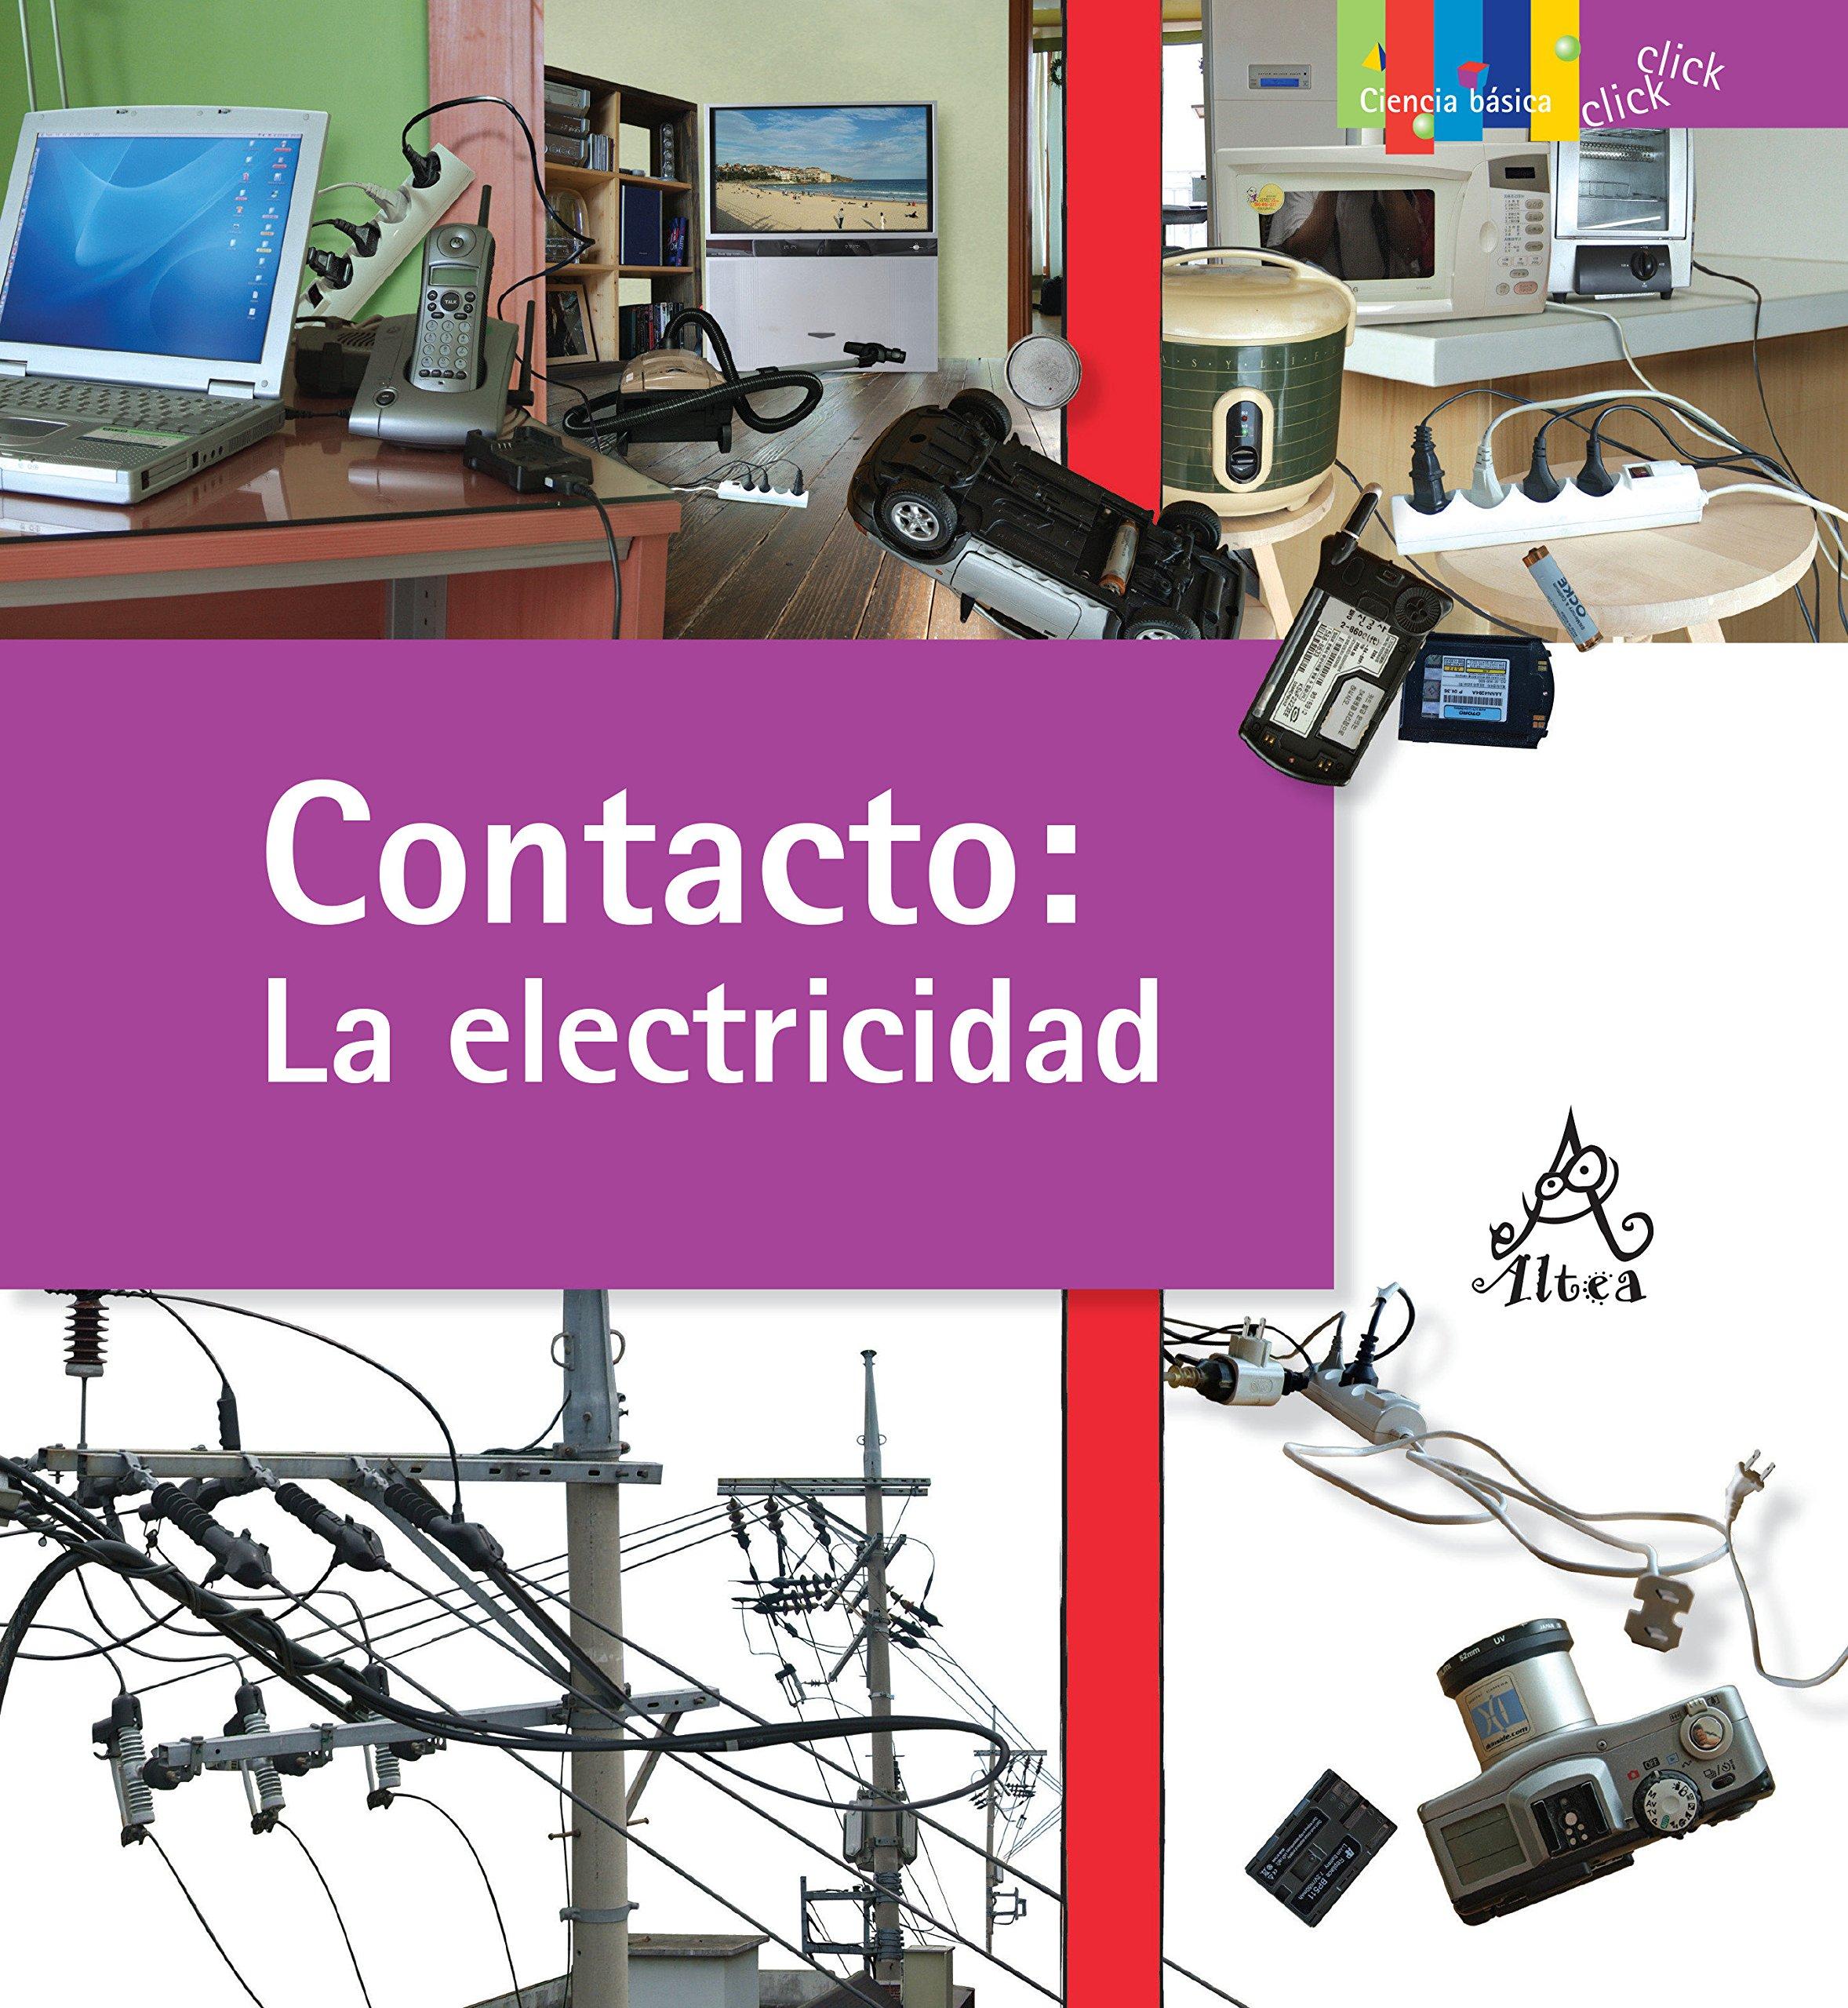 Contacto: La electricidad / Contact : Electricity (Click Click: Ciencia Básica / Basic Science) (Spanish Edition)